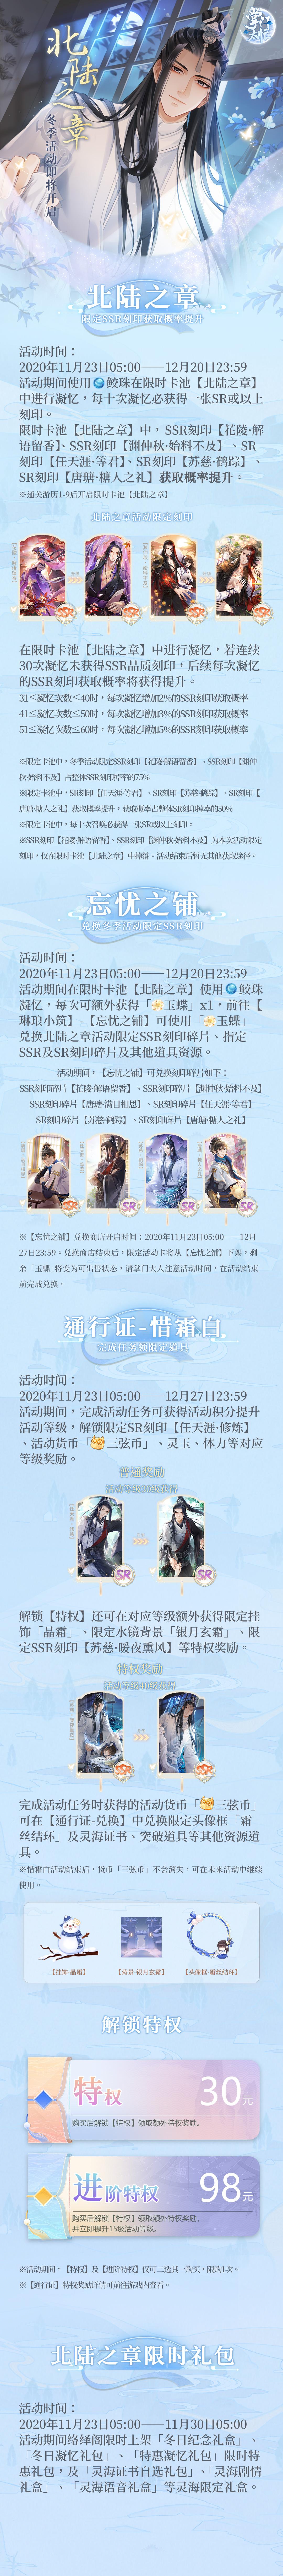 【活动预告】冬季活动◆北陆之章◆11月23日即将开启!